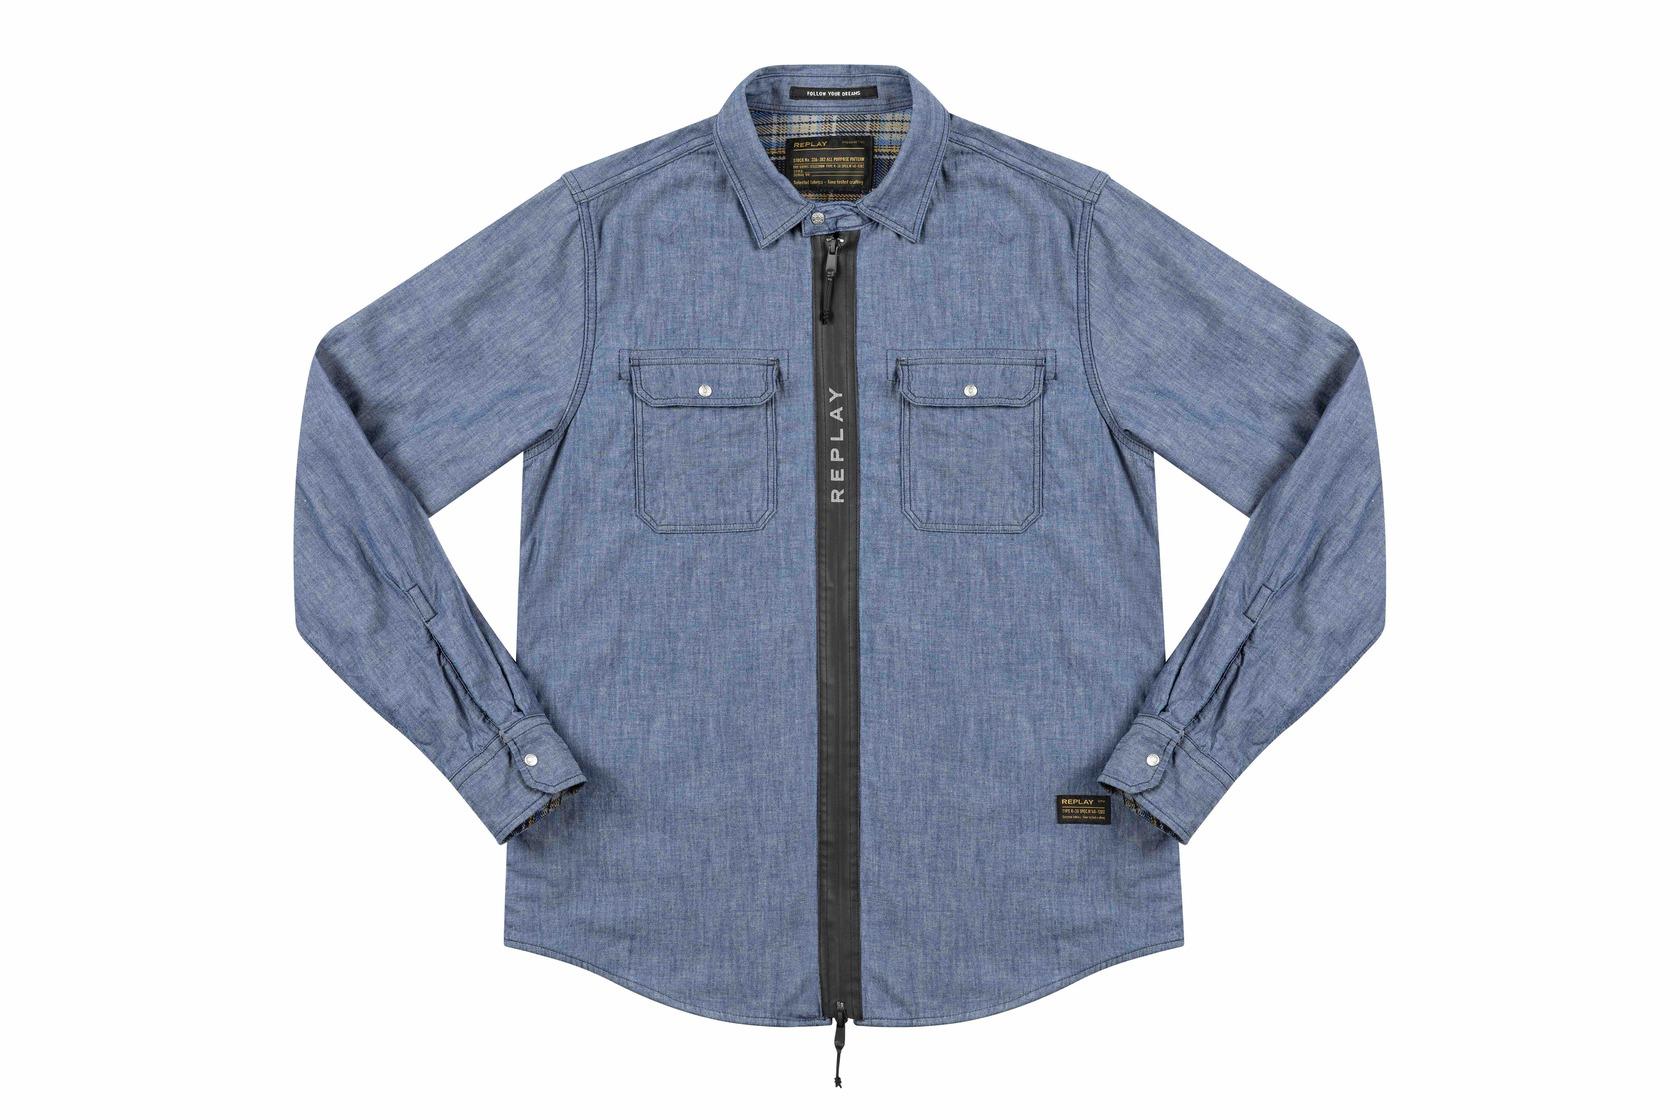 Replay presenta per la collezione FW 2021 una camicia in denim con chiusura a zip